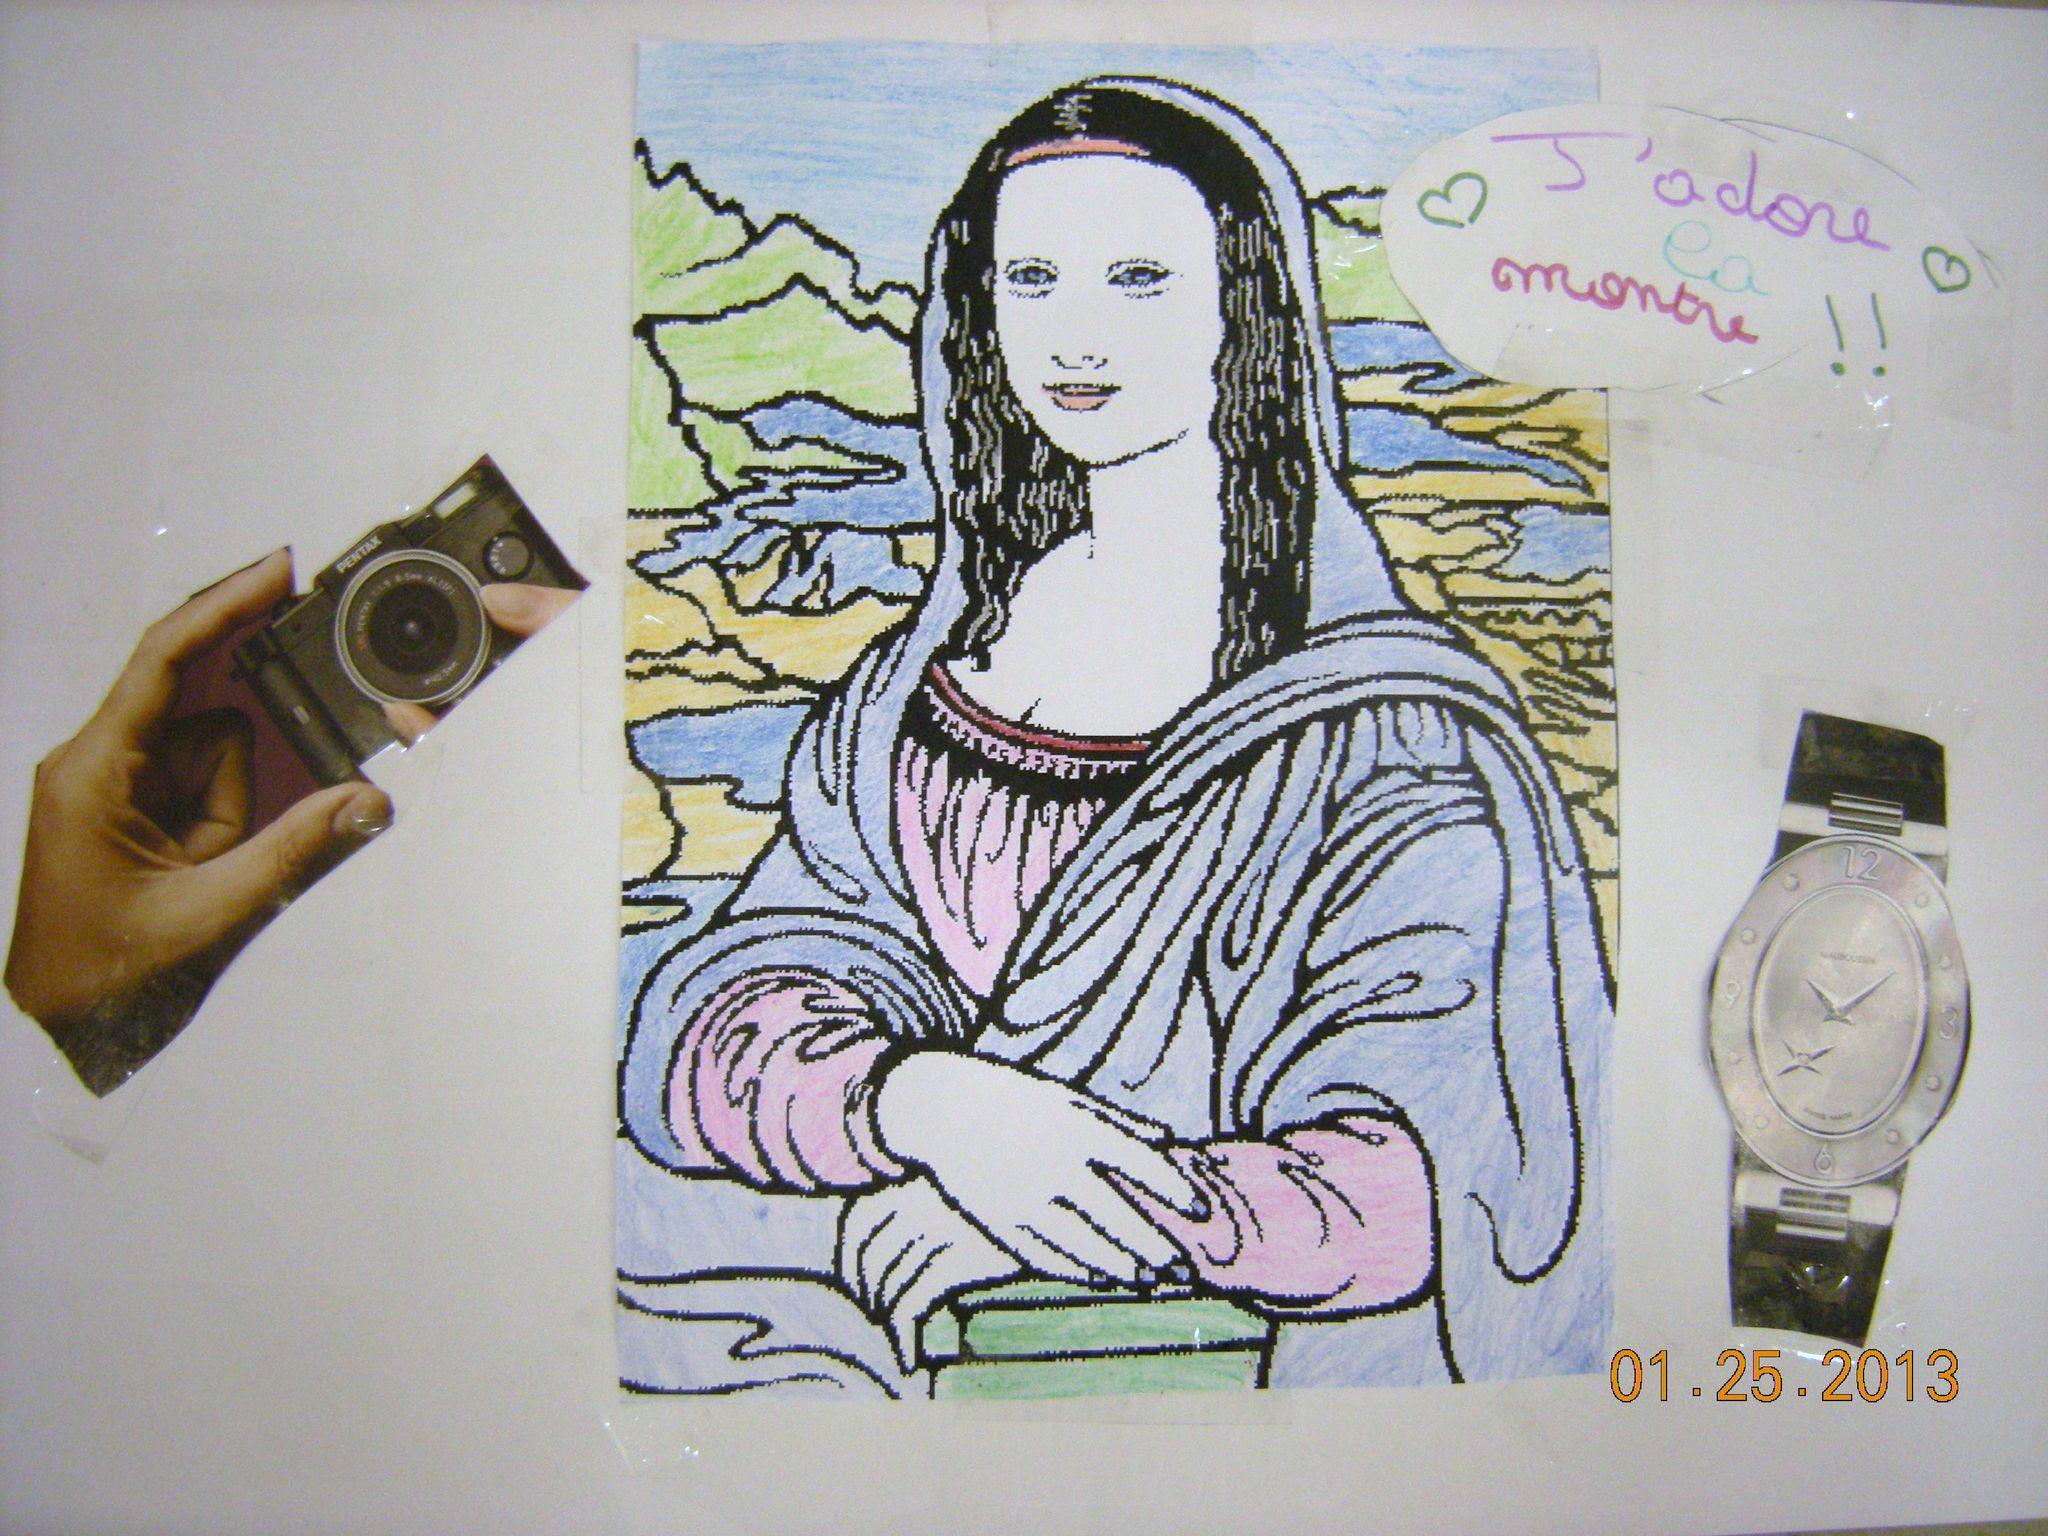 Au XXIe si¨cle la Joconde est devenue l objet d art le plus visité au monde avec 20 000 visiteurs qui viennent l admirer quoti nnement